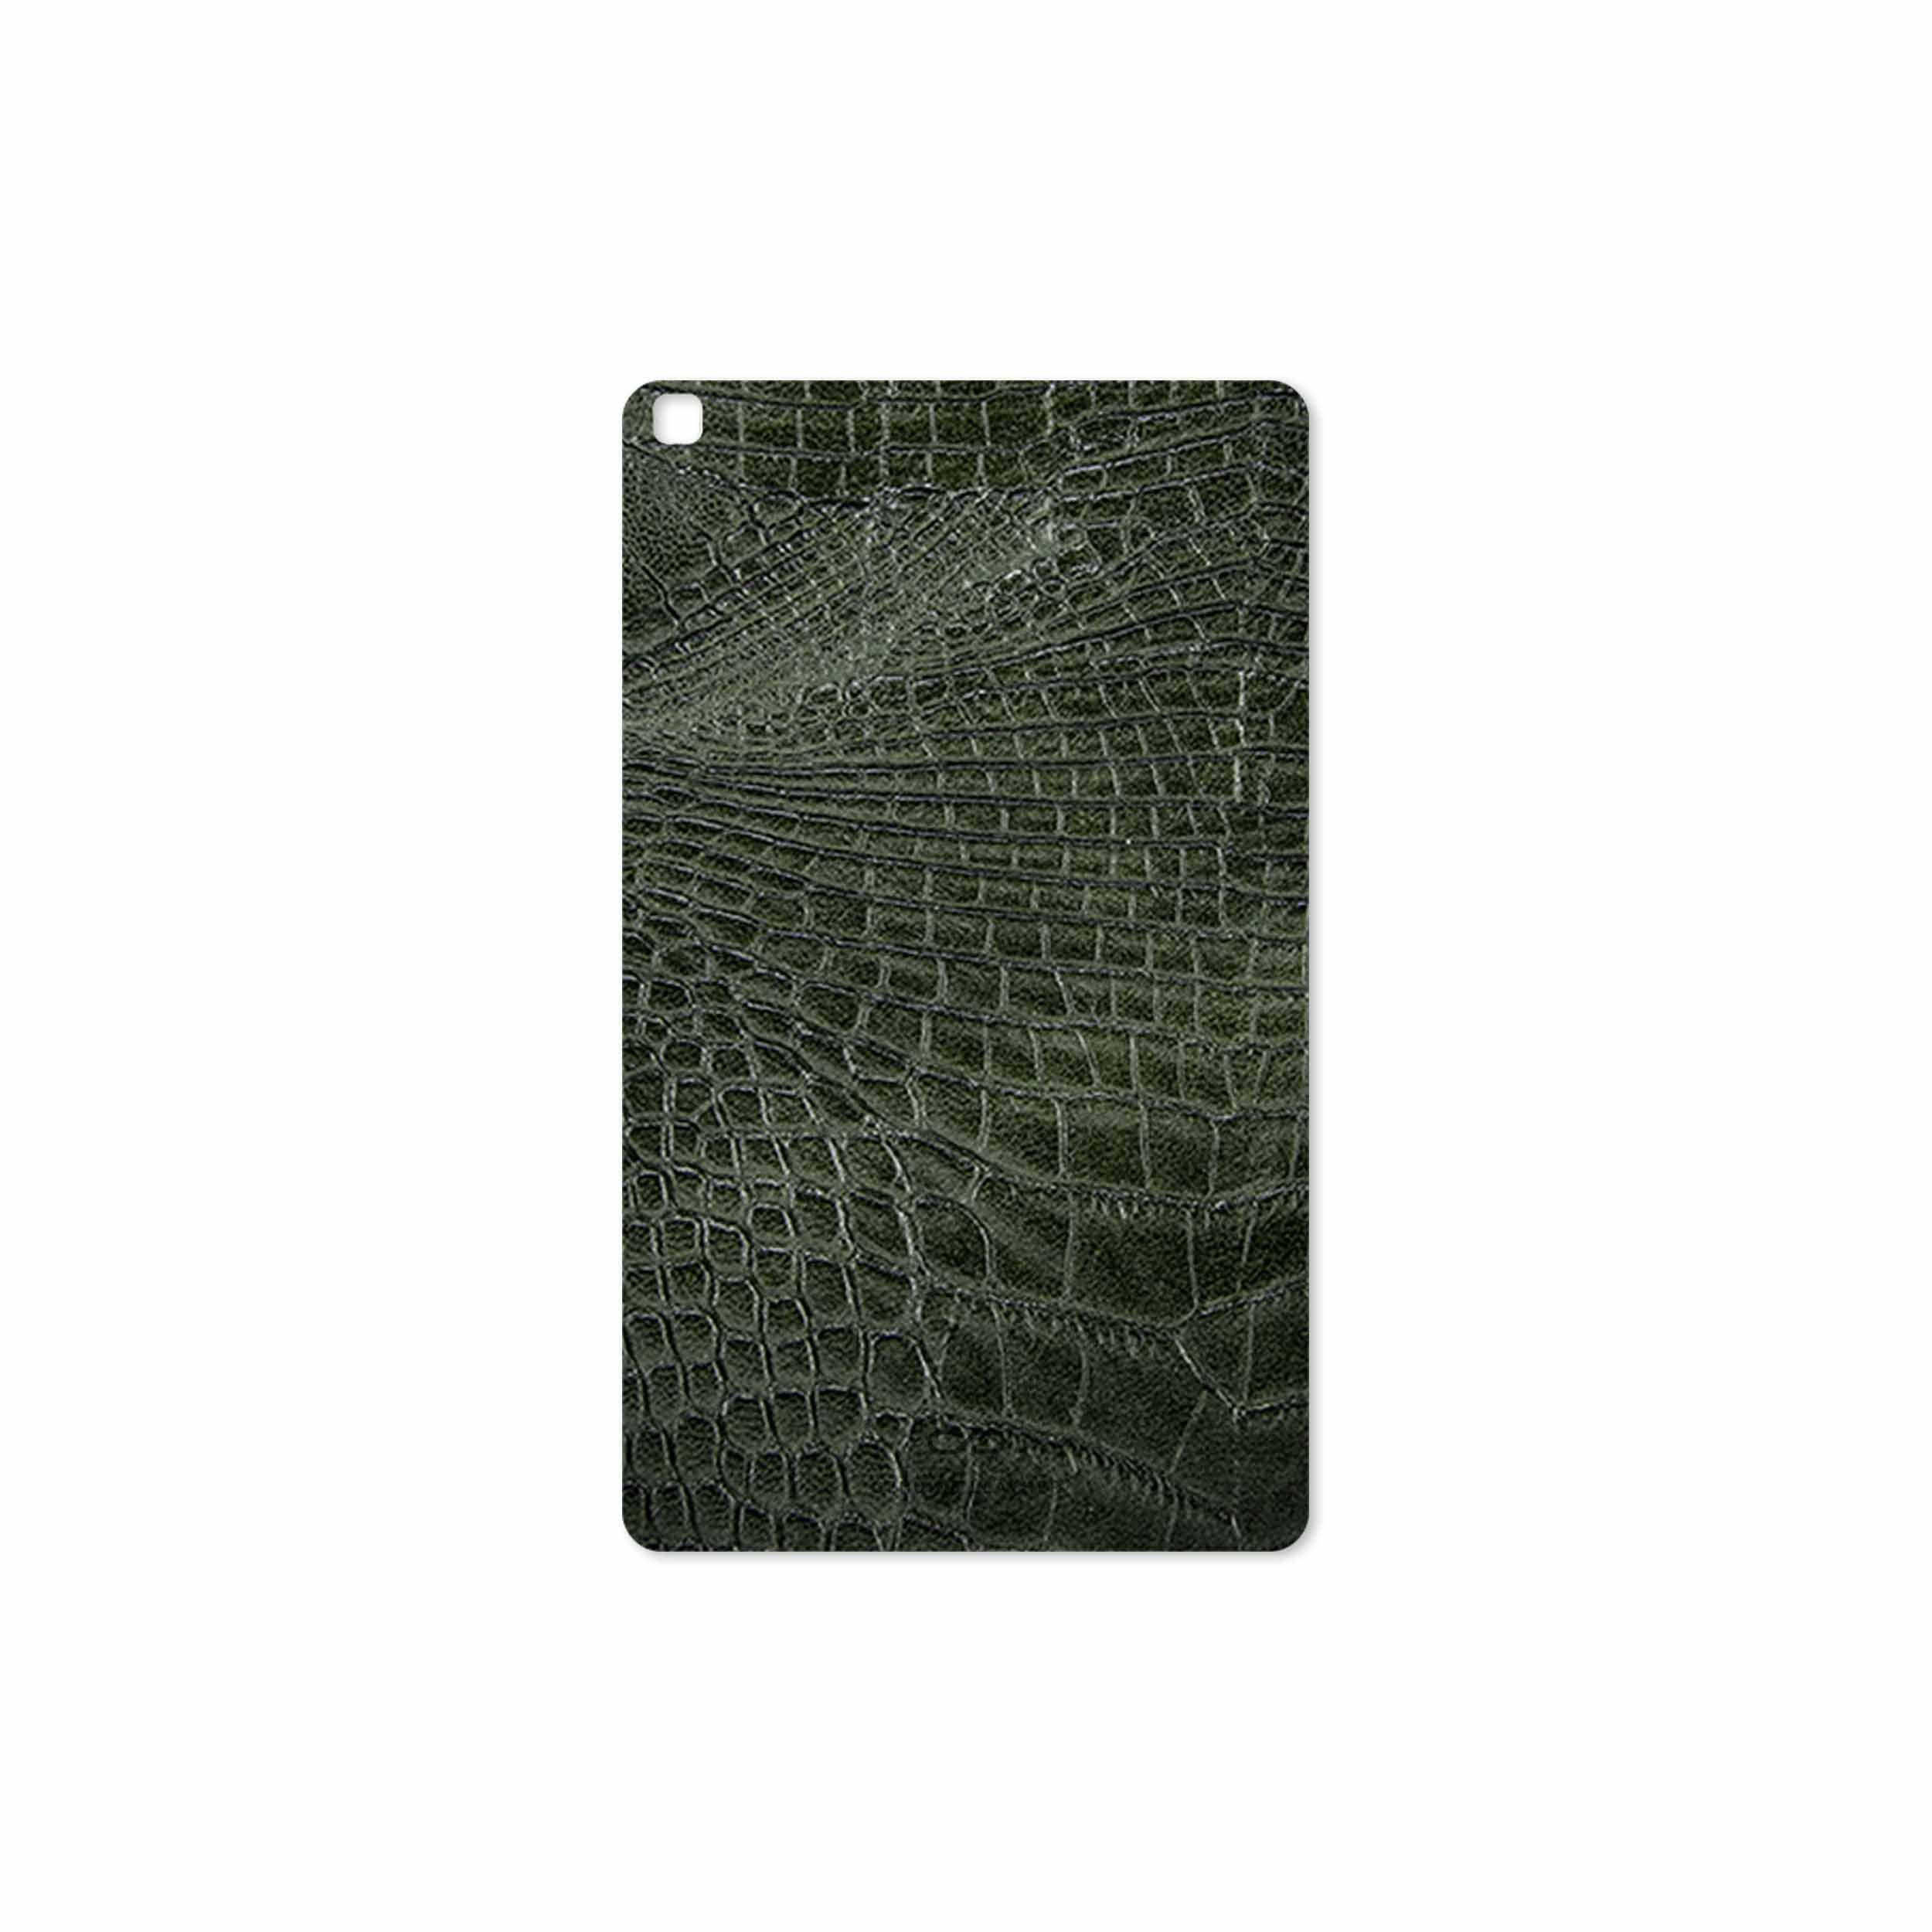 بررسی و خرید [با تخفیف]                                     برچسب پوششی ماهوت مدل Green-Crocodile-Leather مناسب برای تبلت سامسونگ Galaxy Tab A 8.0 2019 T290                             اورجینال